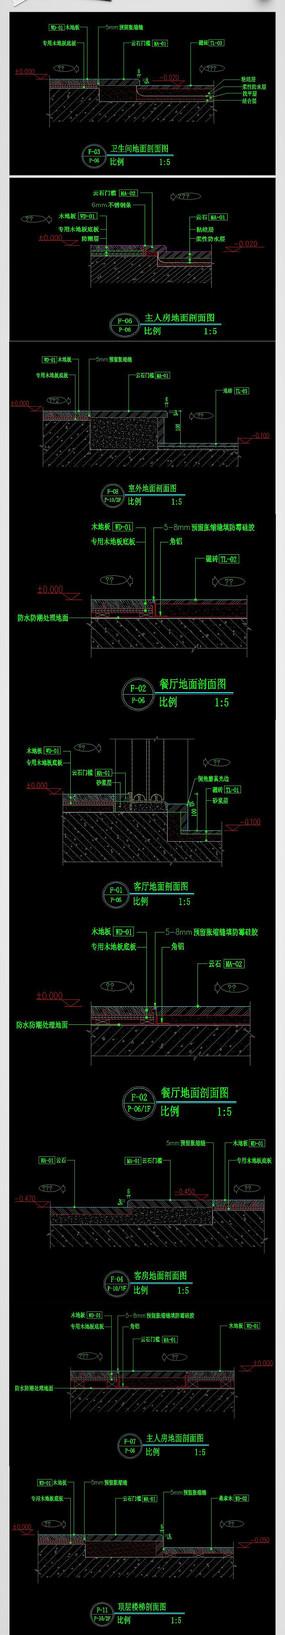 CAD地面铺装施工图